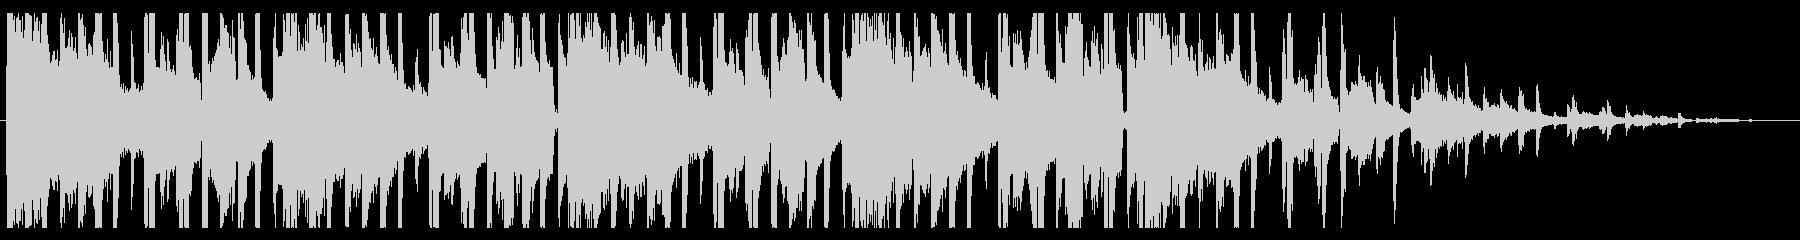 ムーディー/R&B_No395_5の未再生の波形